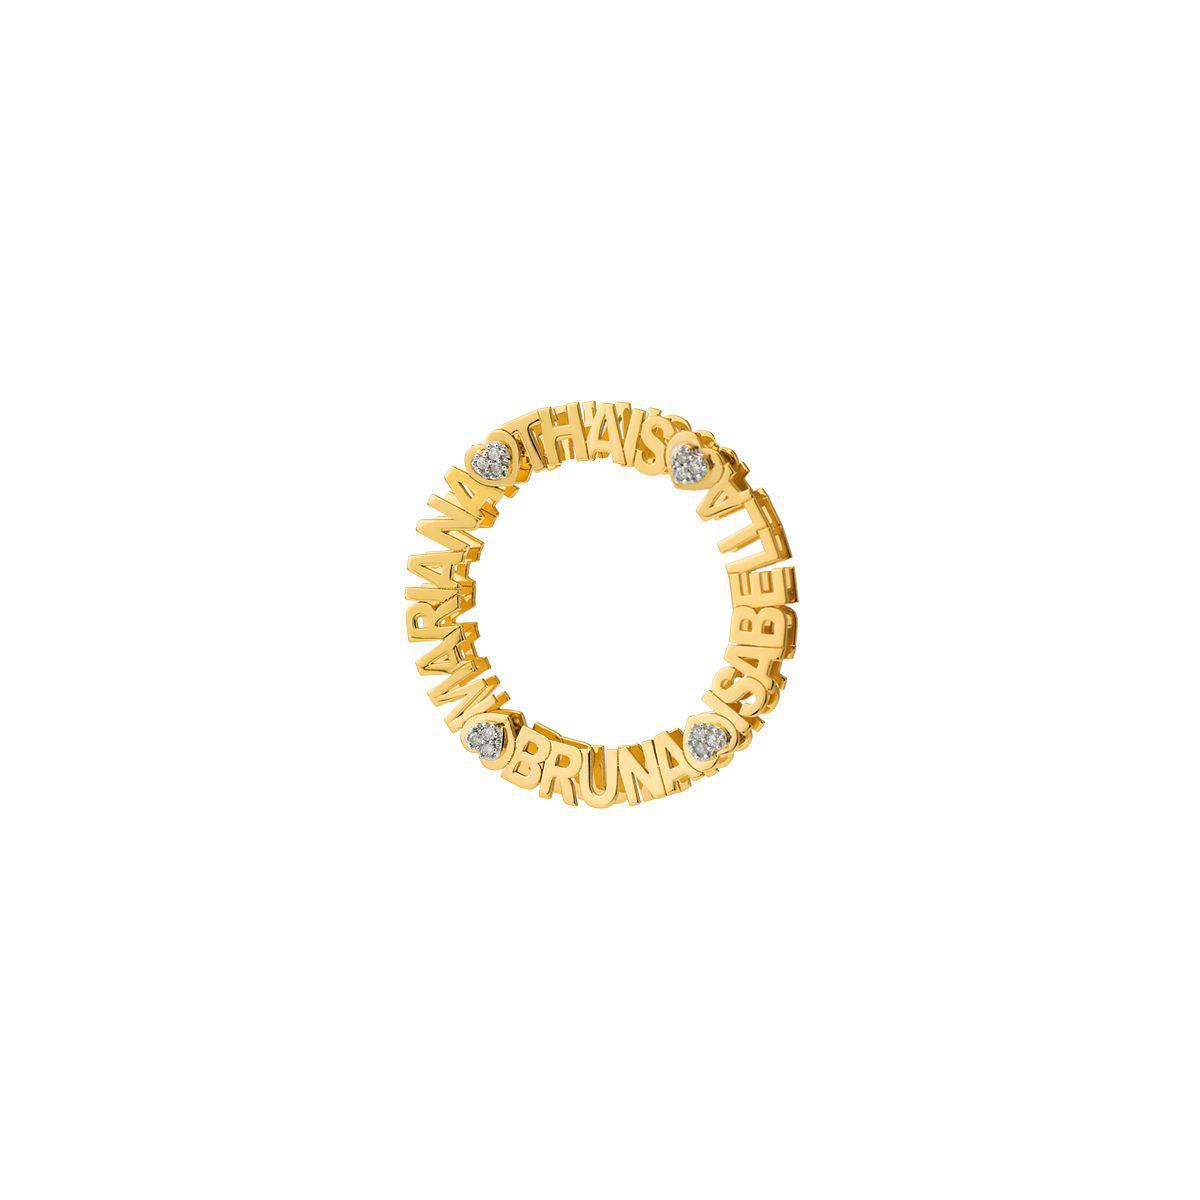 d1589e1d6 Pingente de Ouro 18k Mandala Nome até 25 Letras com Diamantes pi18593 -  Joiasgold R  2.934